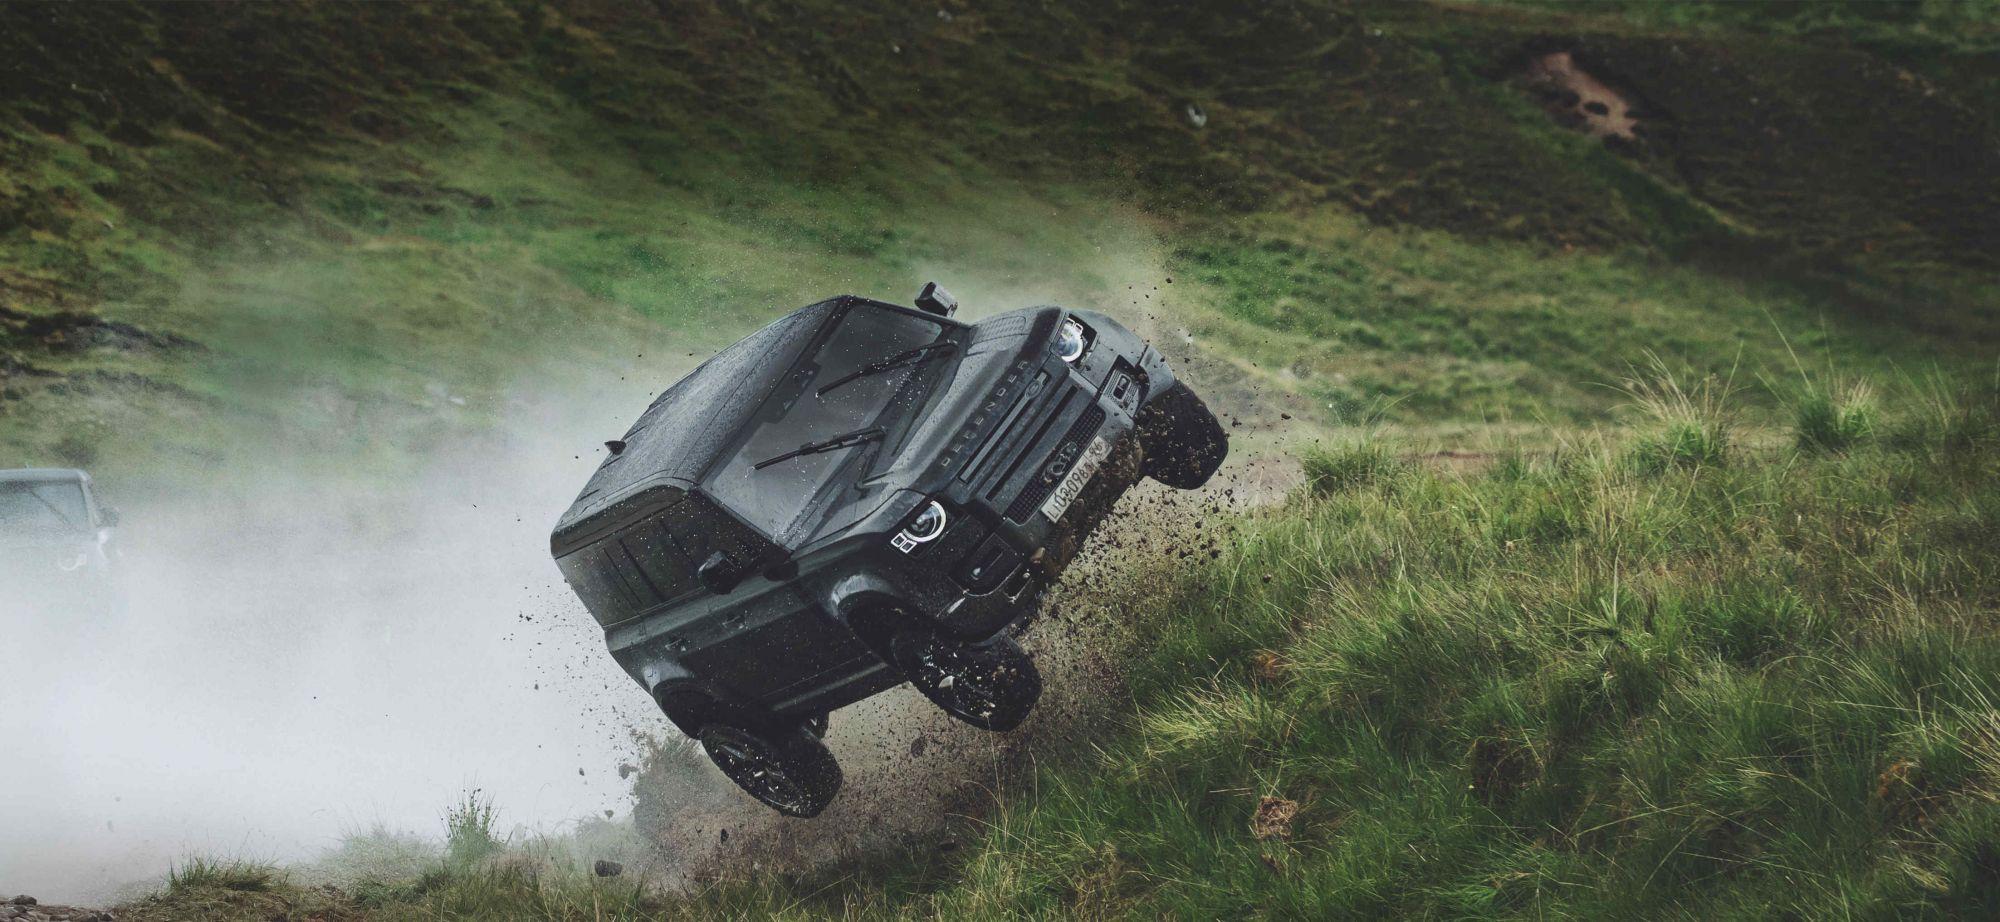 詹姆士·龐德史上最強座駕Land Rover Defender現身「007:生死交戰」!爬山、跳躍、翻滾、入沼澤照樣奔馳